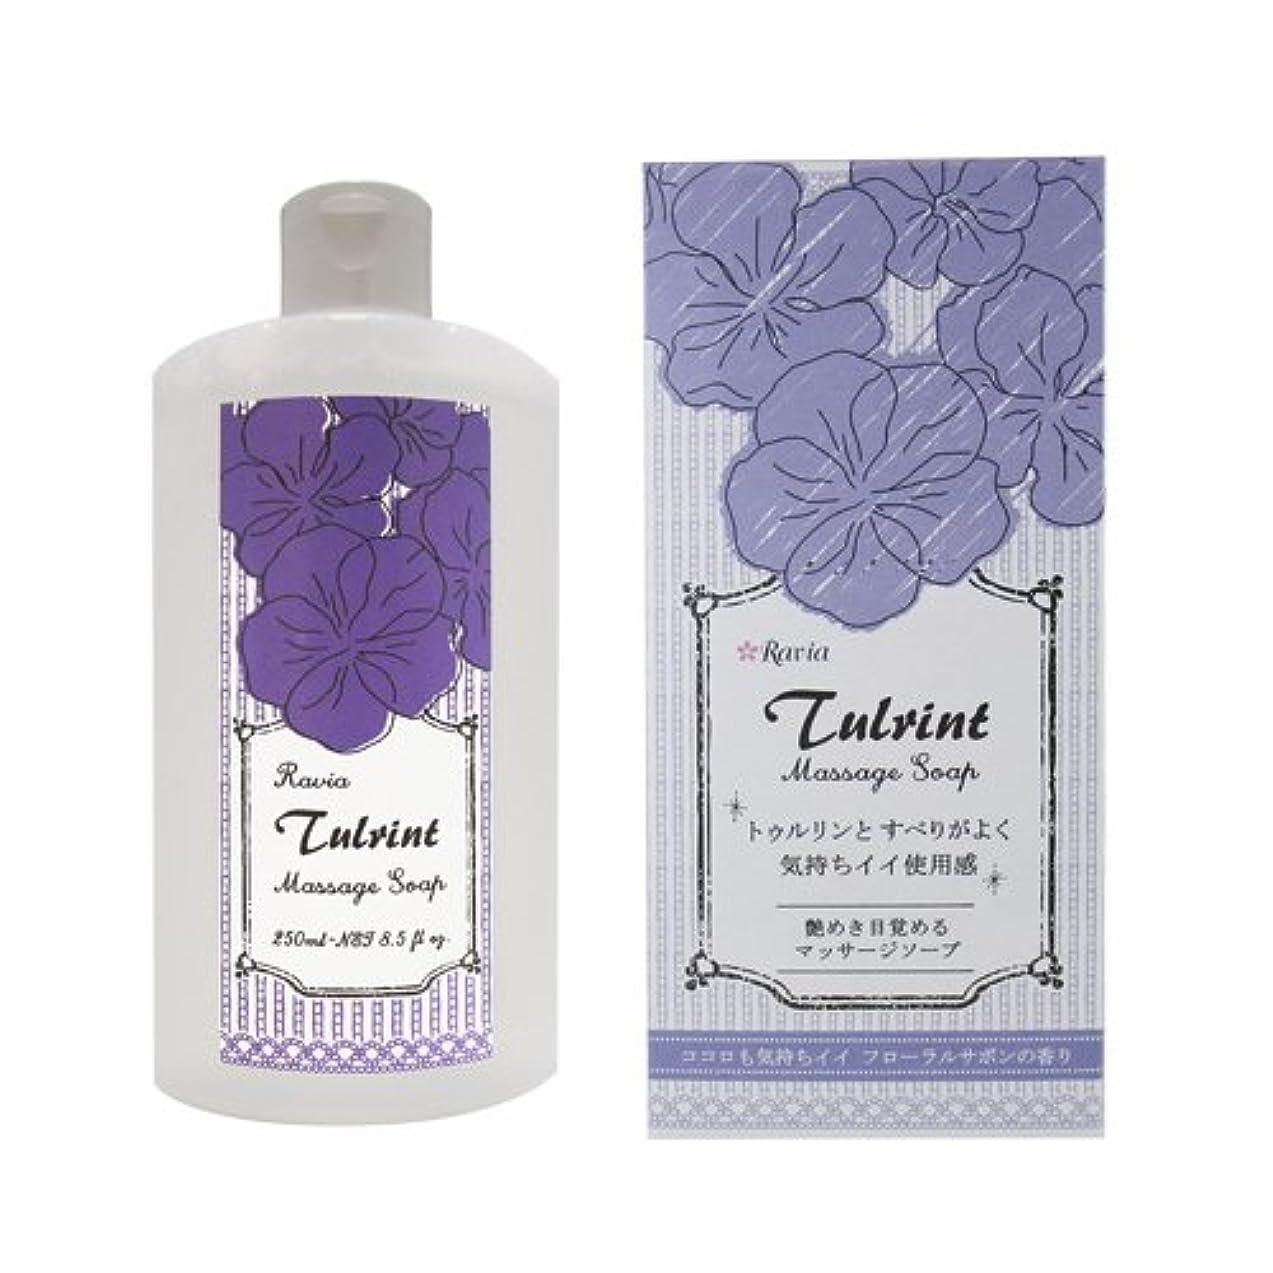 裕福なビュッフェ区【マッサージソープ】ラヴィア(Ravia) トゥルリント マッサージソープ(Tulrint Massage soap) 250ml フローラルサボンの香り